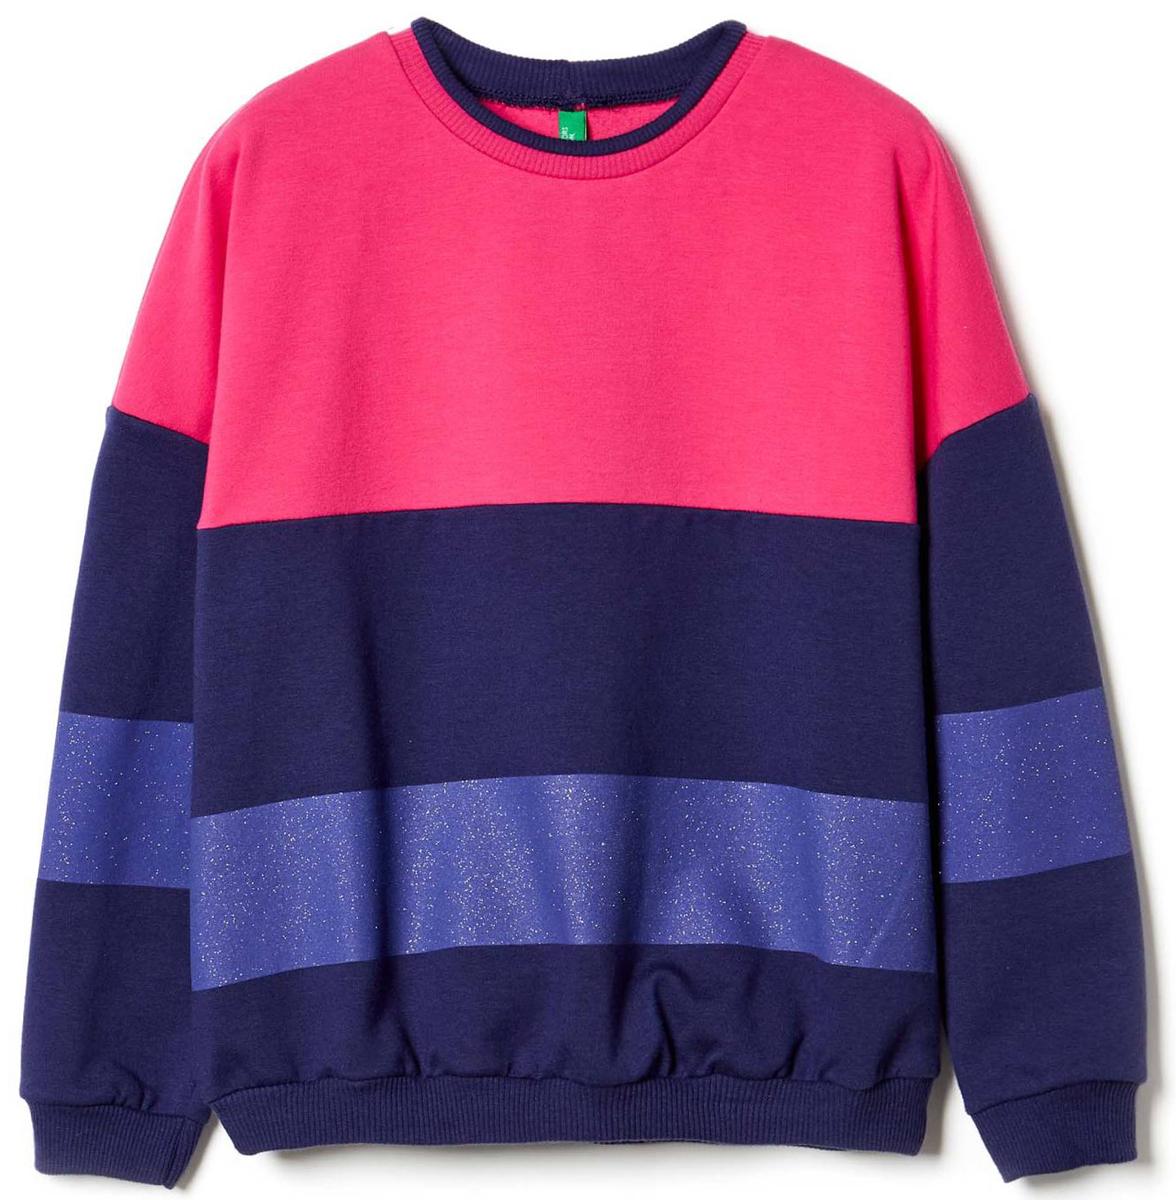 Джемпер для девочки United Colors of Benetton, цвет: розовый. 3I1KC13AL_2J2. Размер 1303I1KC13AL_2J2Джемпер для девочки United Colors of Benetton выполнен из эластичного хлопка. Модель с круглым вырезом горловины и длинными рукавами.